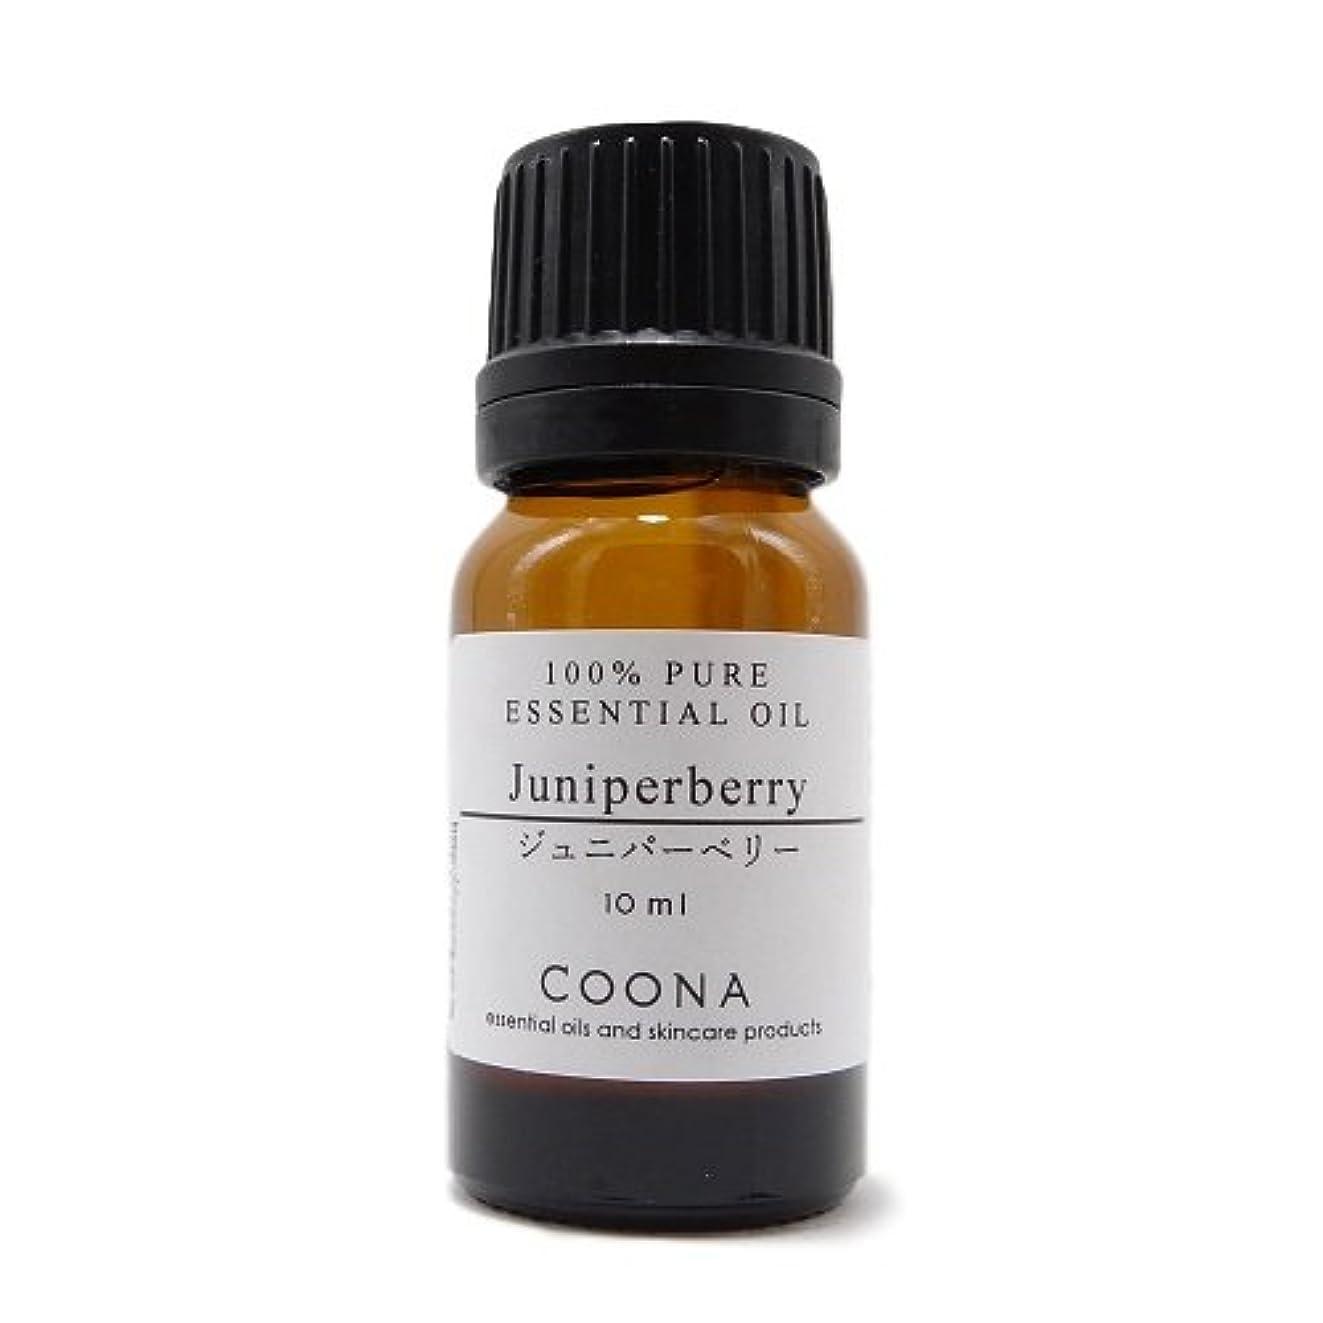 入射寄付下に向けますジュニパーベリー 10 ml (COONA エッセンシャルオイル アロマオイル 100%天然植物精油)